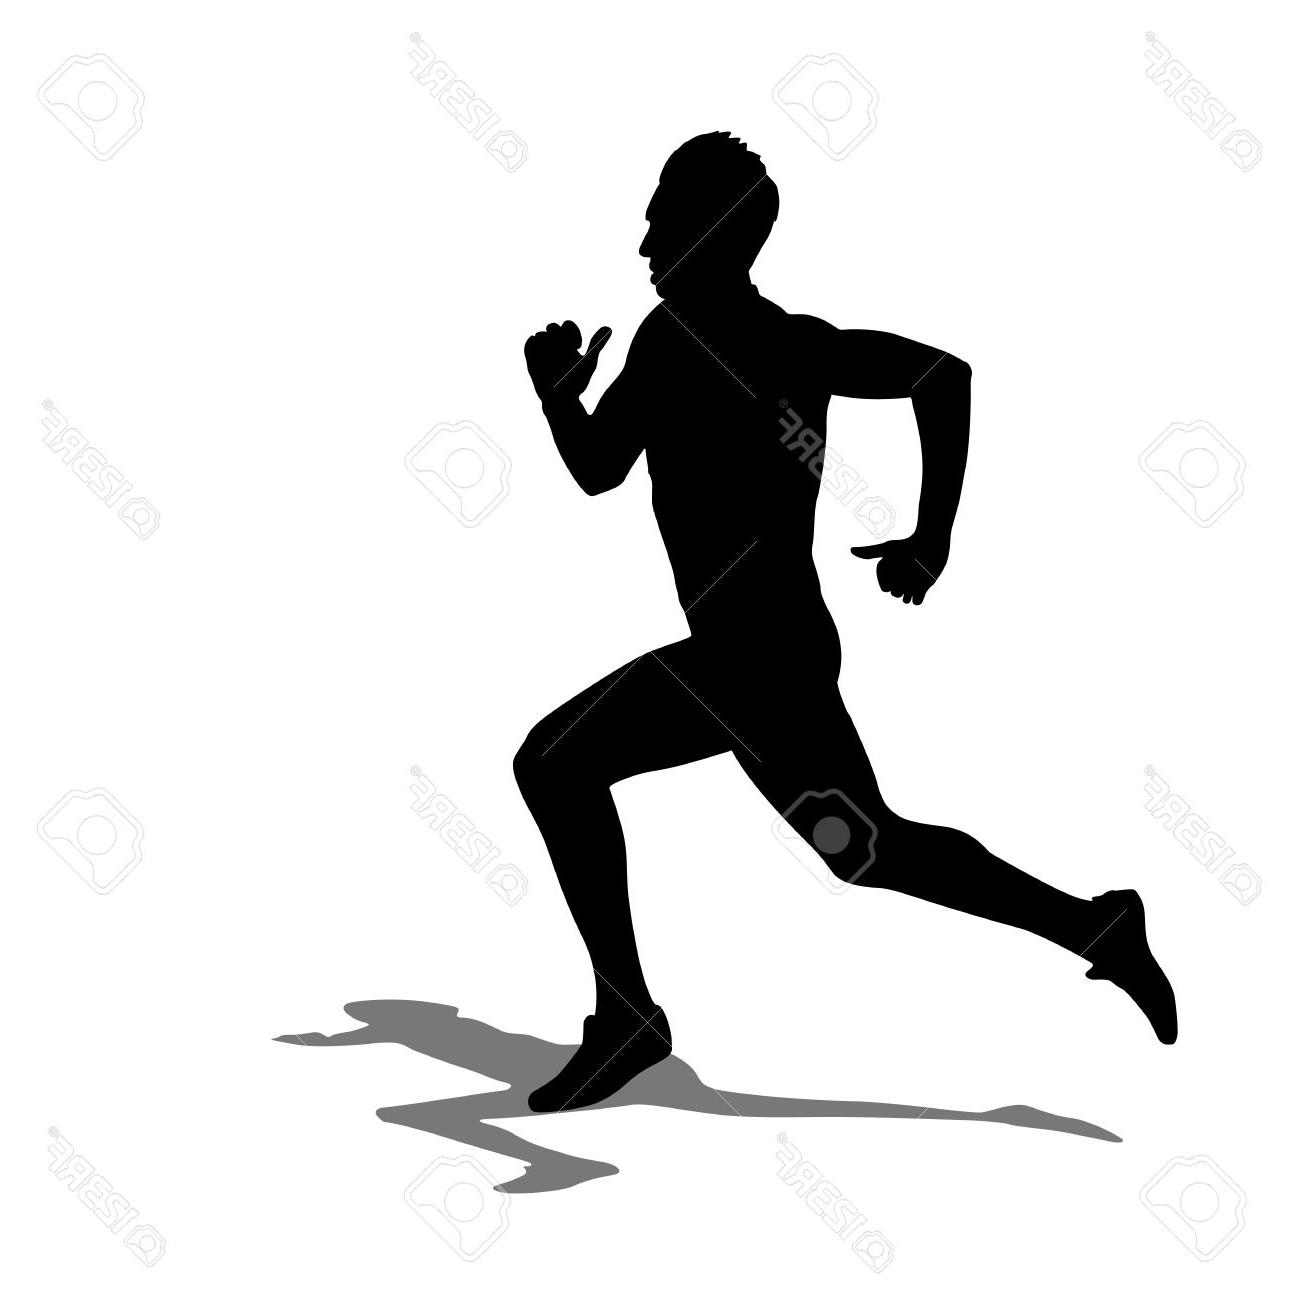 1300x1300 Best 15 Running Silhouettes Illustration Stock Vector Runner